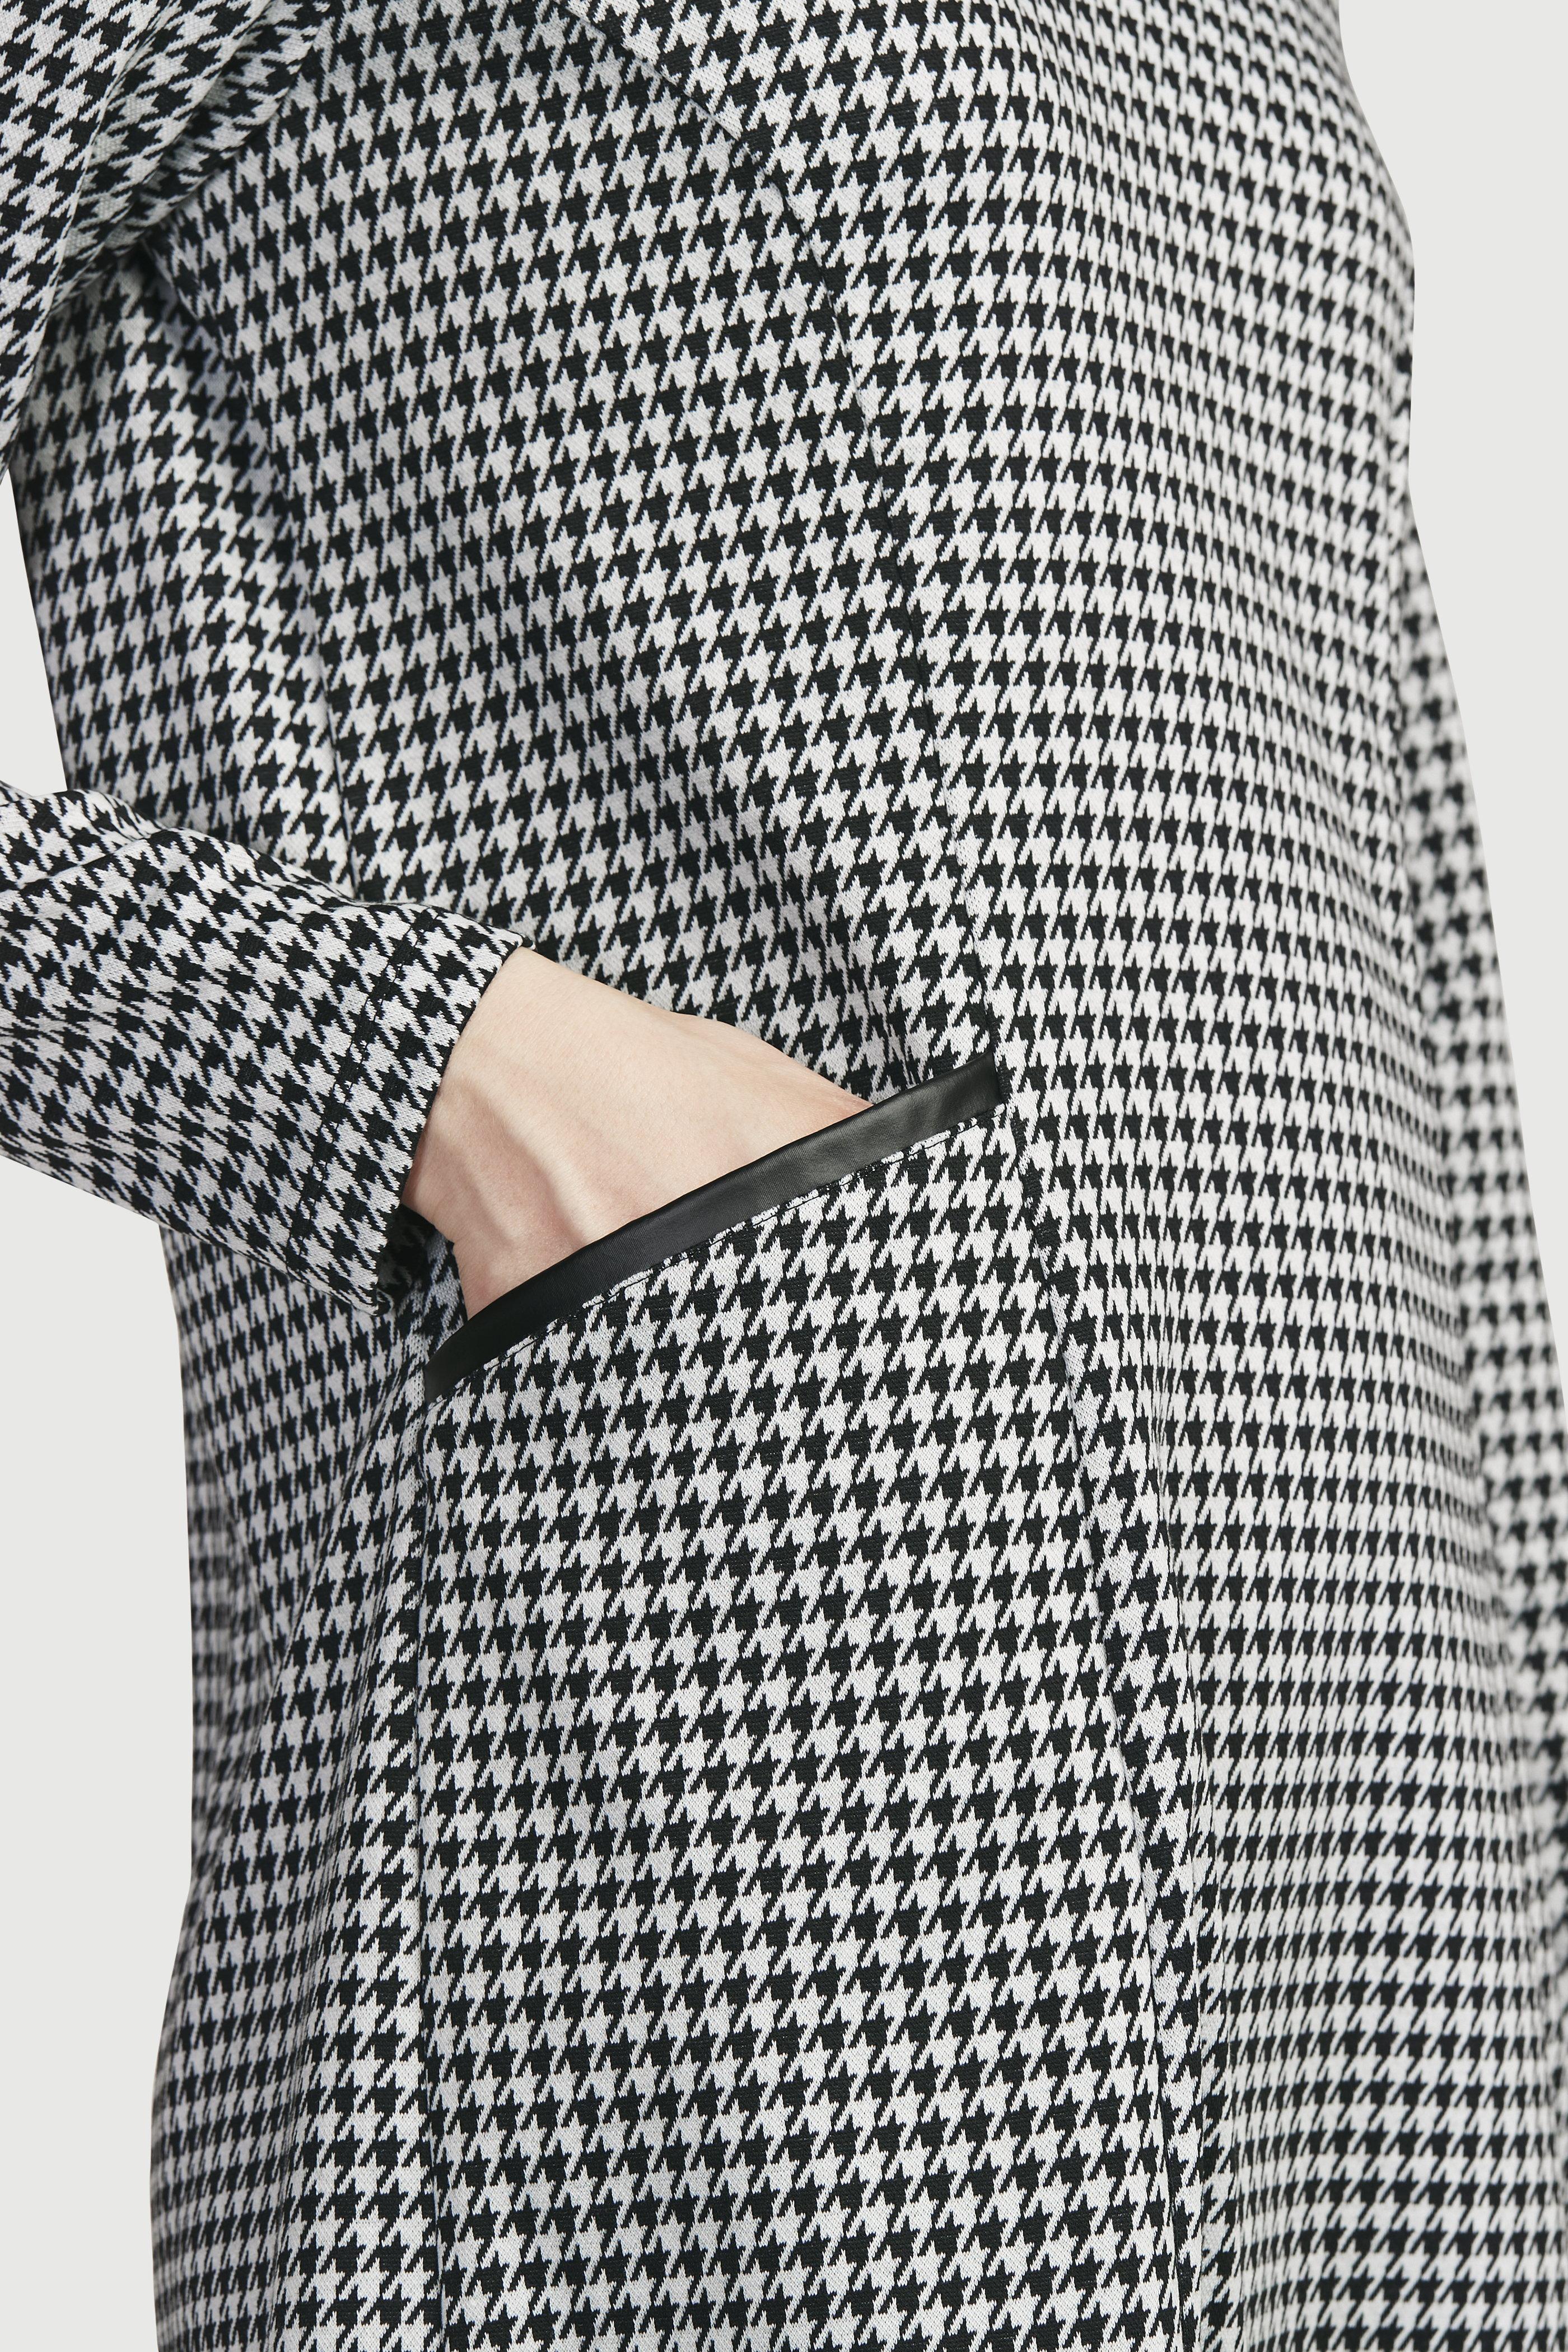 Trikotāžas kleita ar mākslīgās ādas detaļām